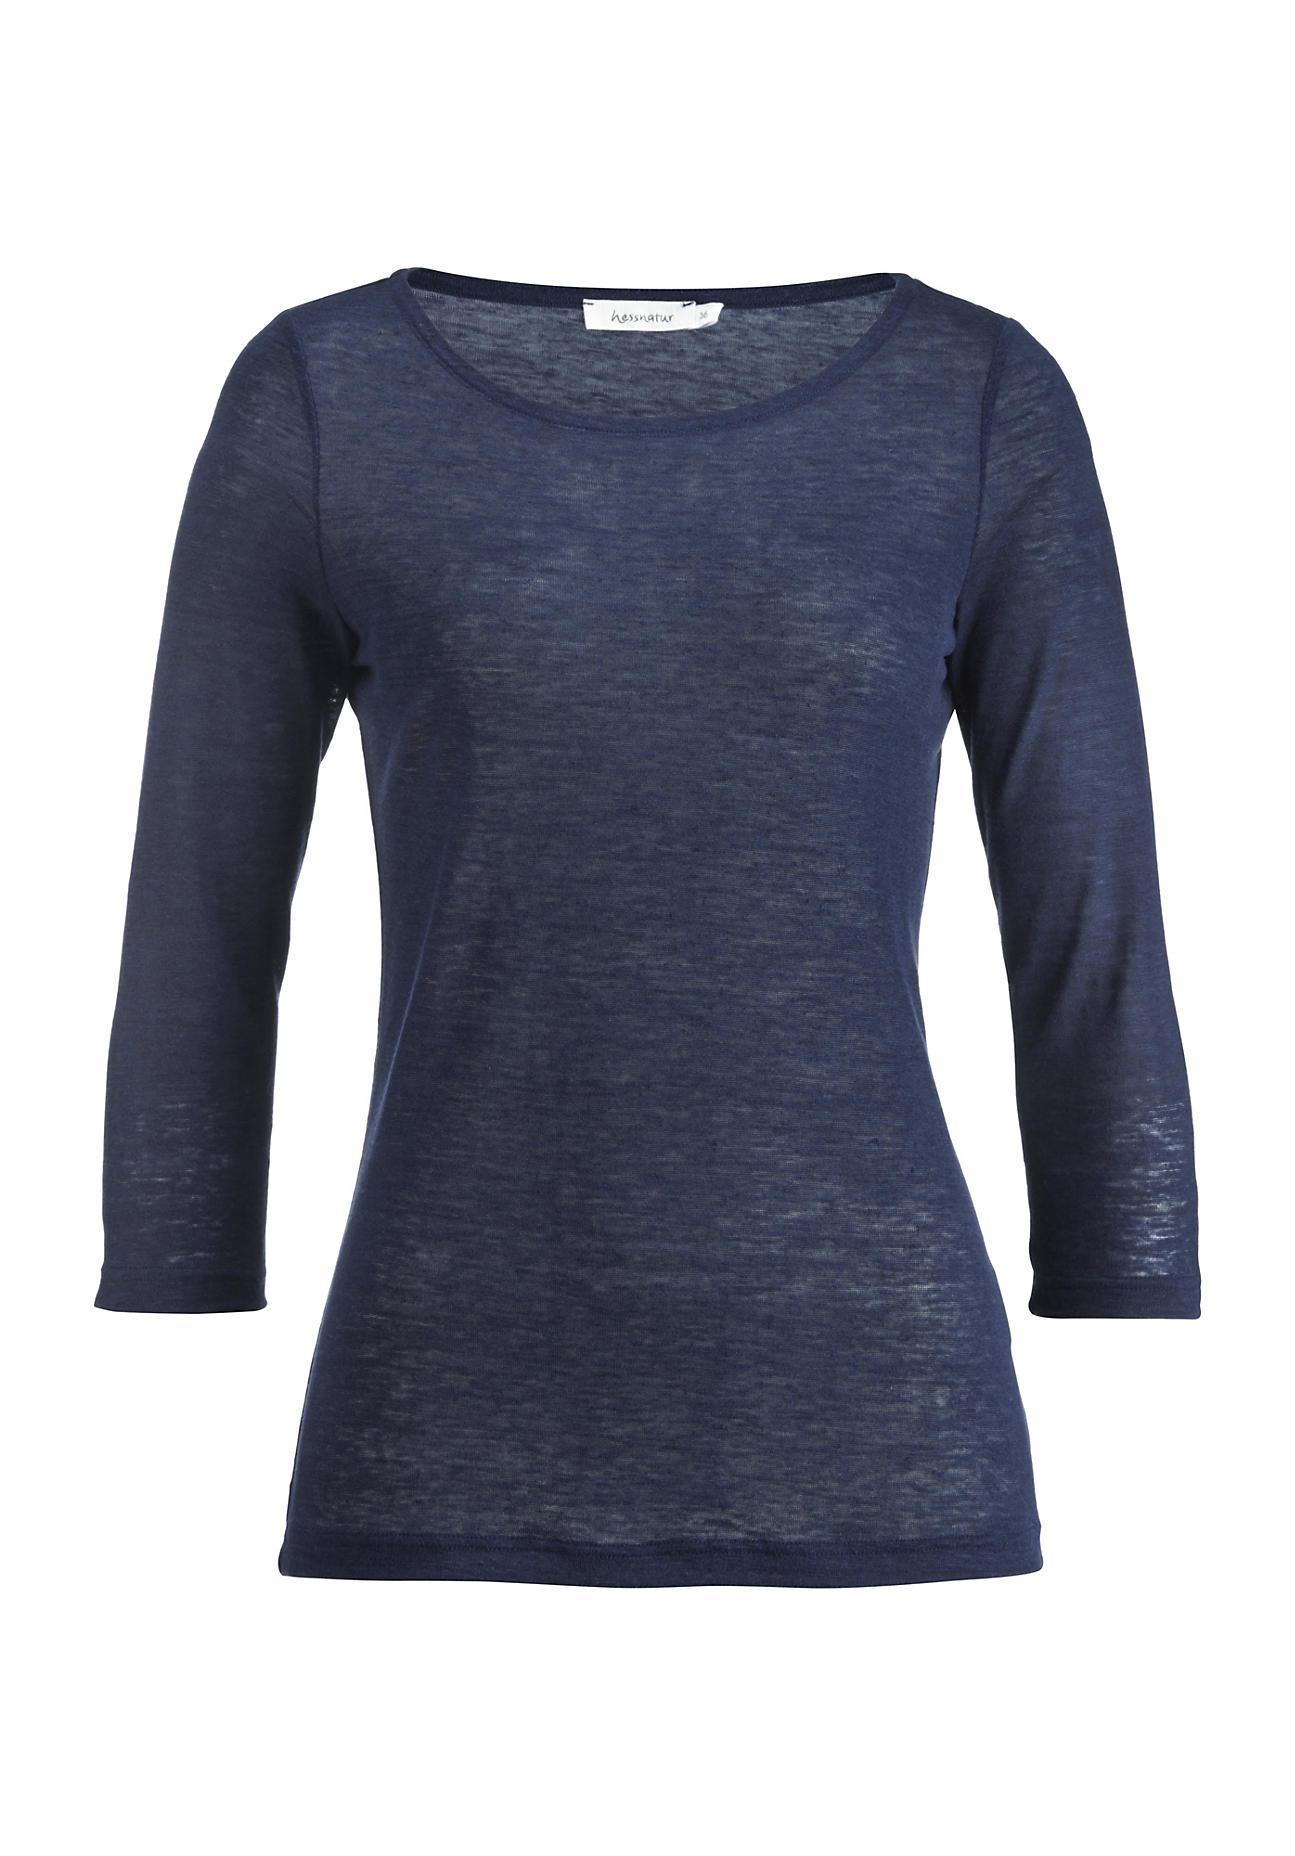 hessnatur Damen Shirt aus Bio-Hanf – blau – Größe 36